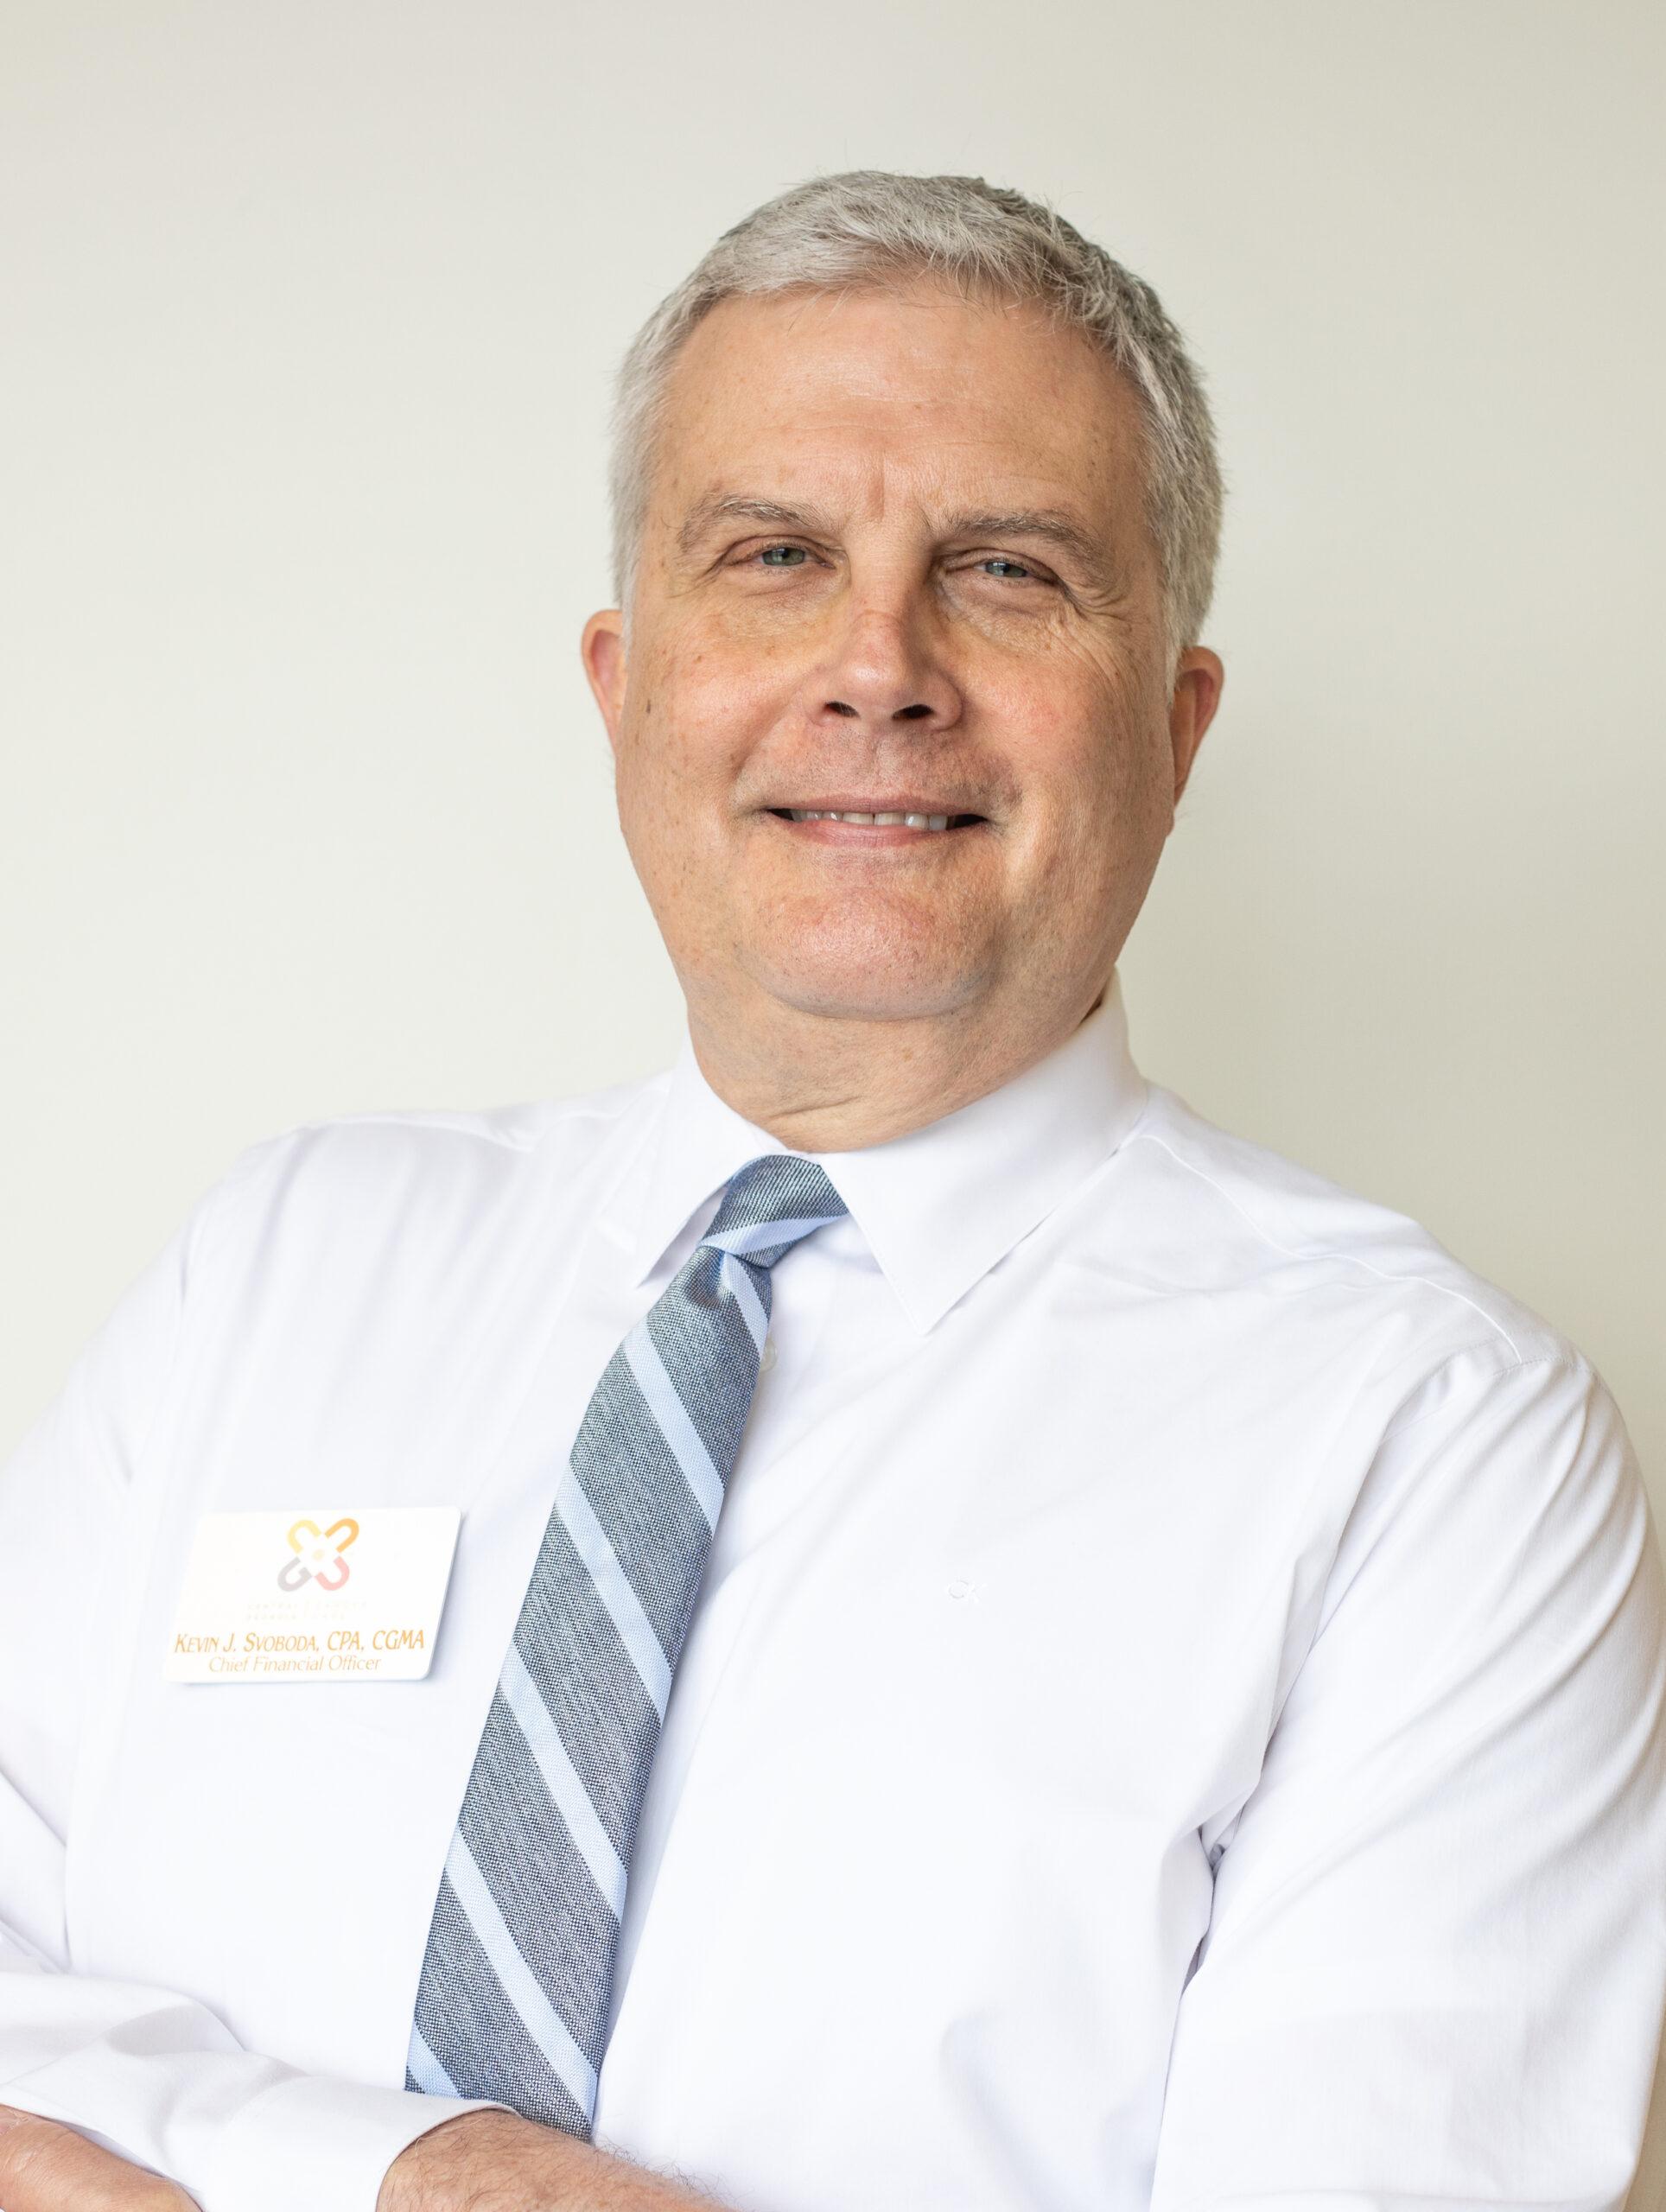 Kevin J. Svoboda, CPA CGMA